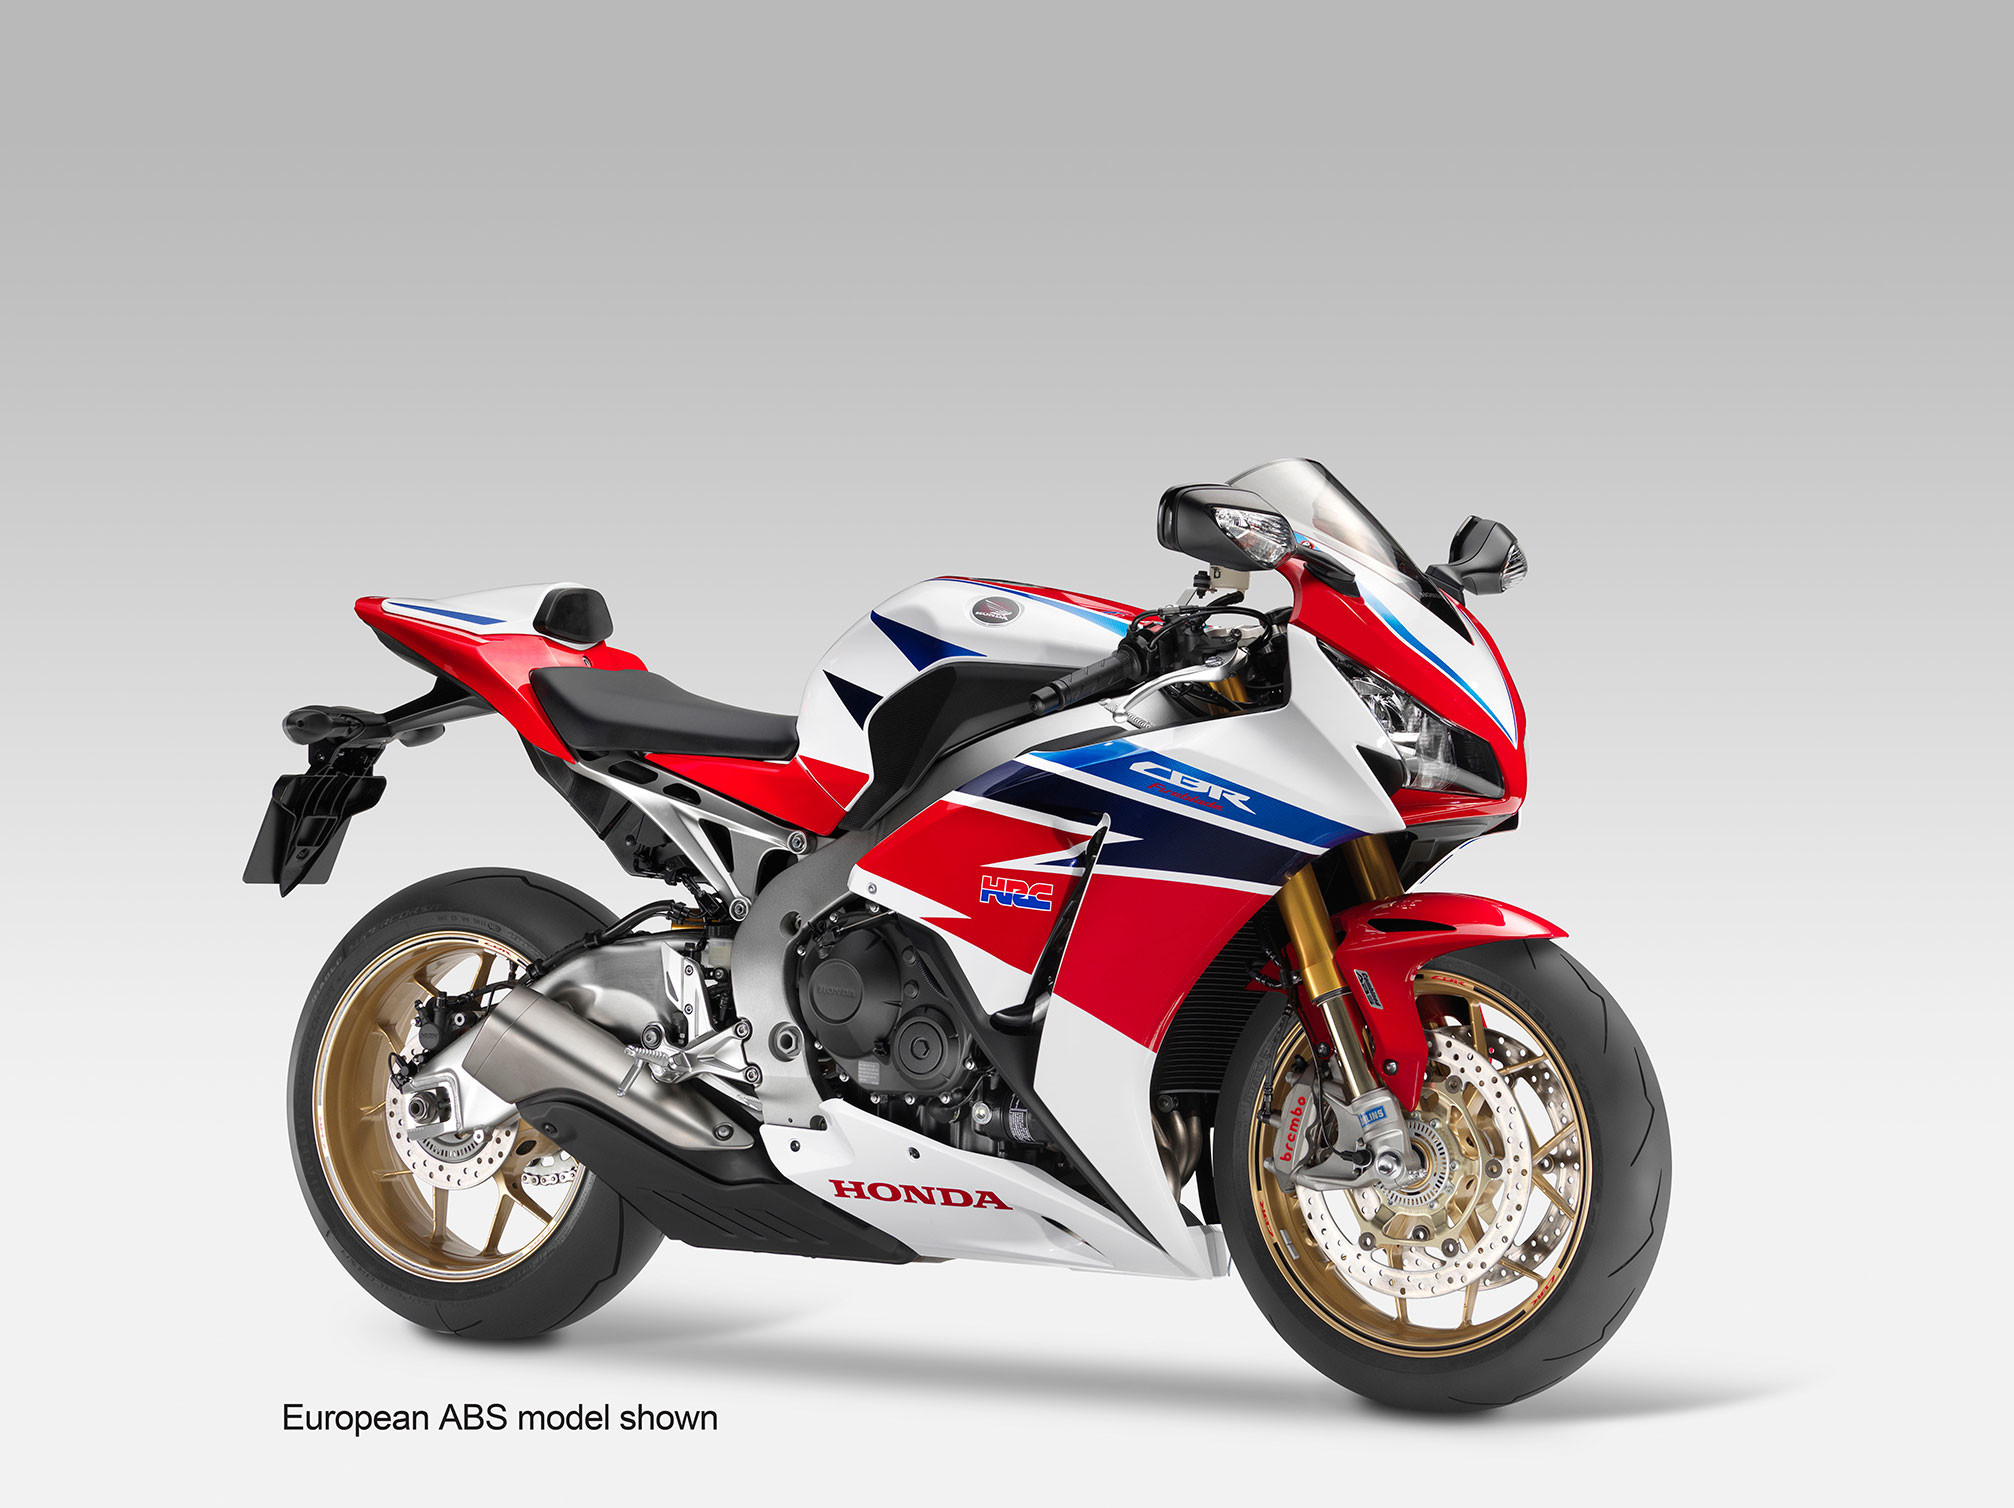 Res: 2014x1508, Honda Cbr1000rr Sp Fireblade Images